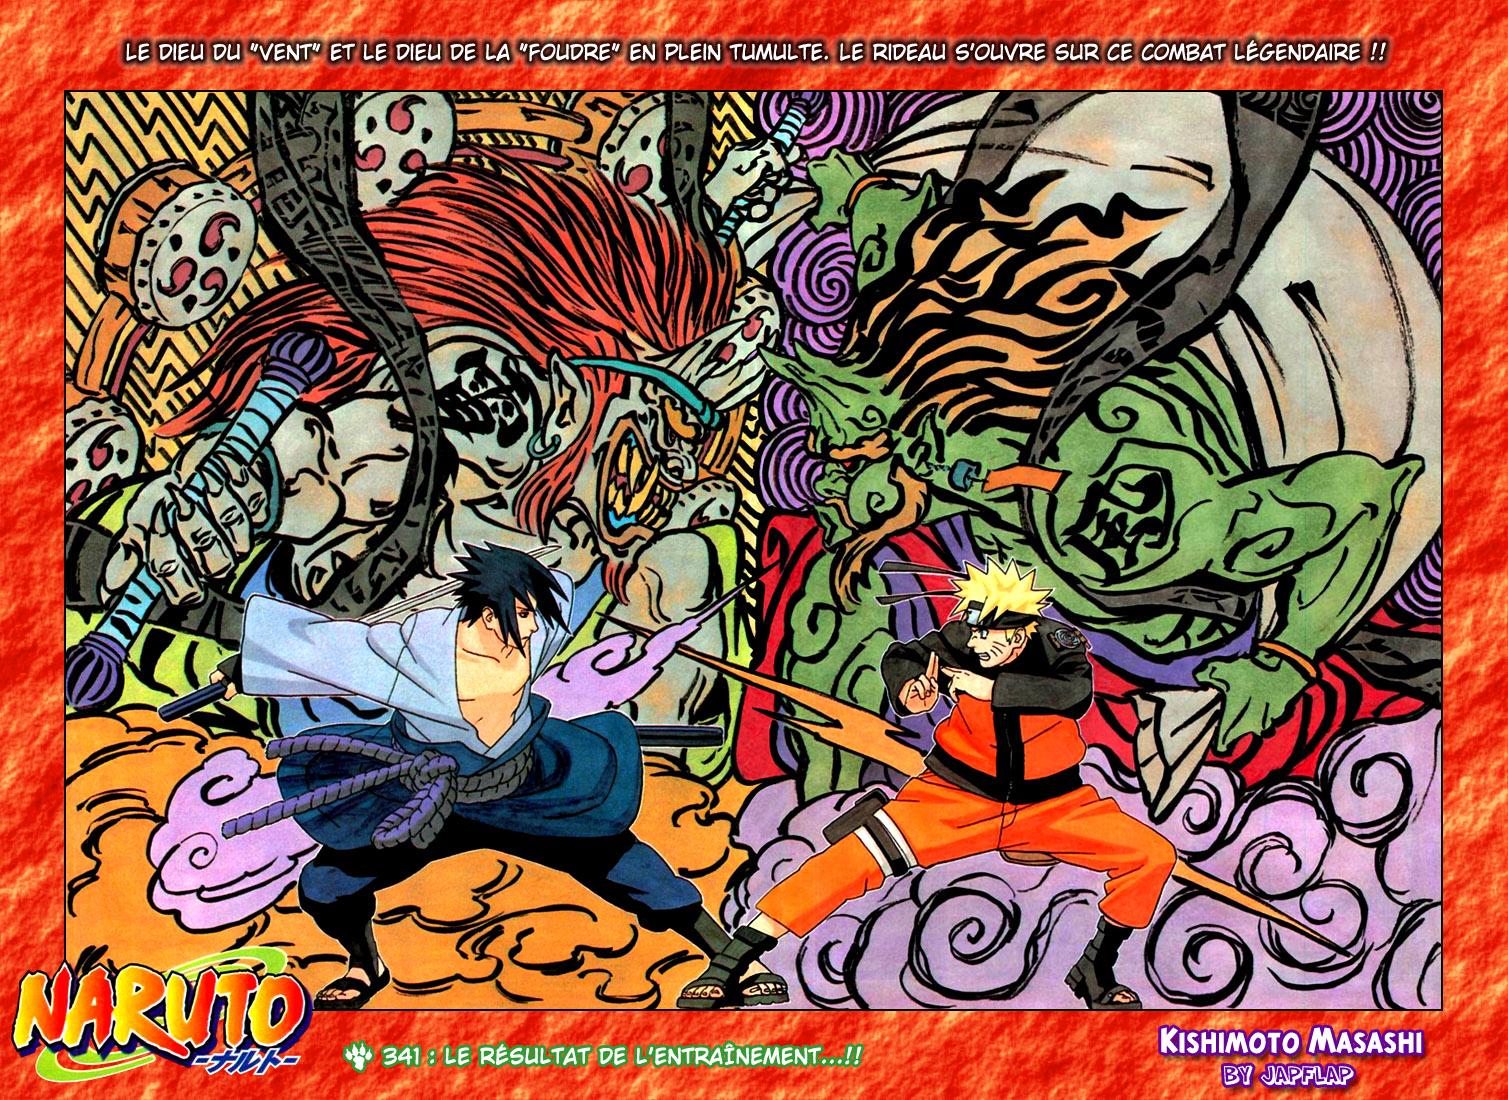 Naruto chapitre 341 - Page 1